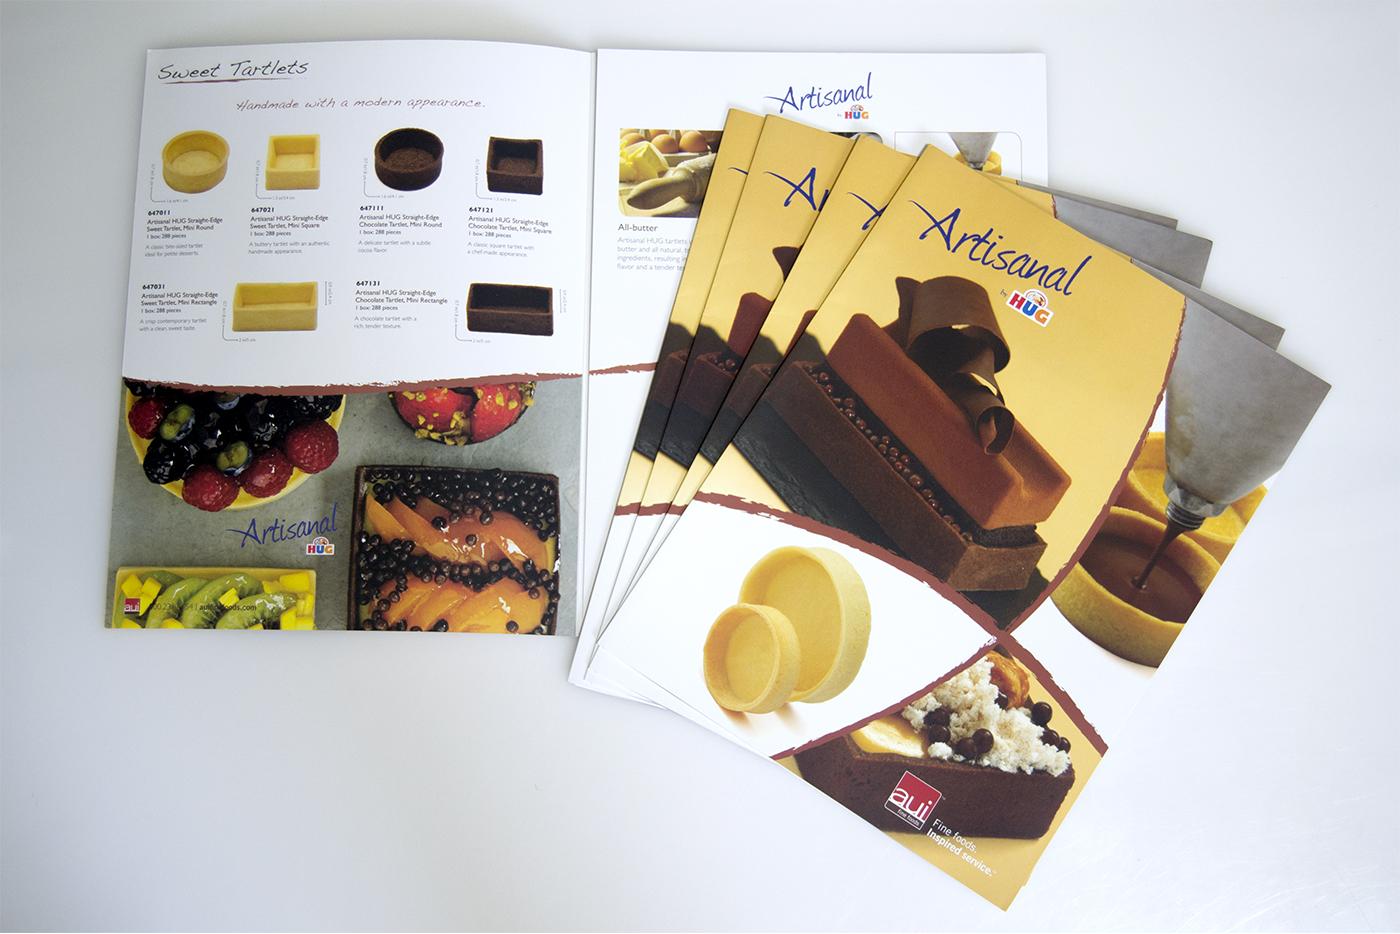 Gourmet Catalogs